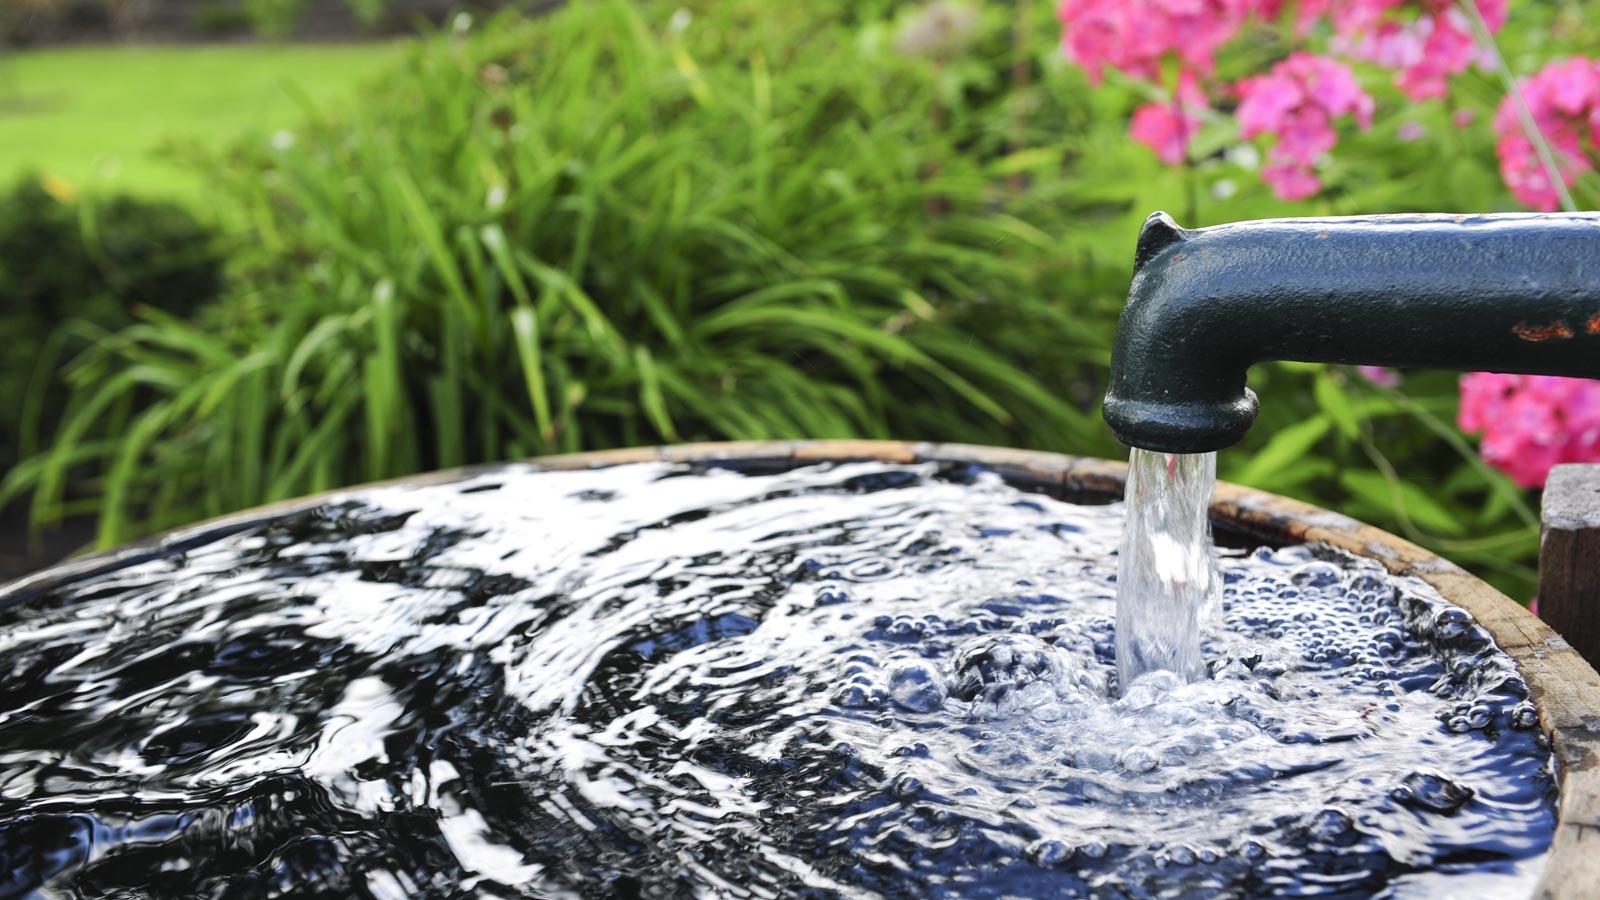 Nahaufnahme eines Gartenbrunnens, in den Wasser fließt